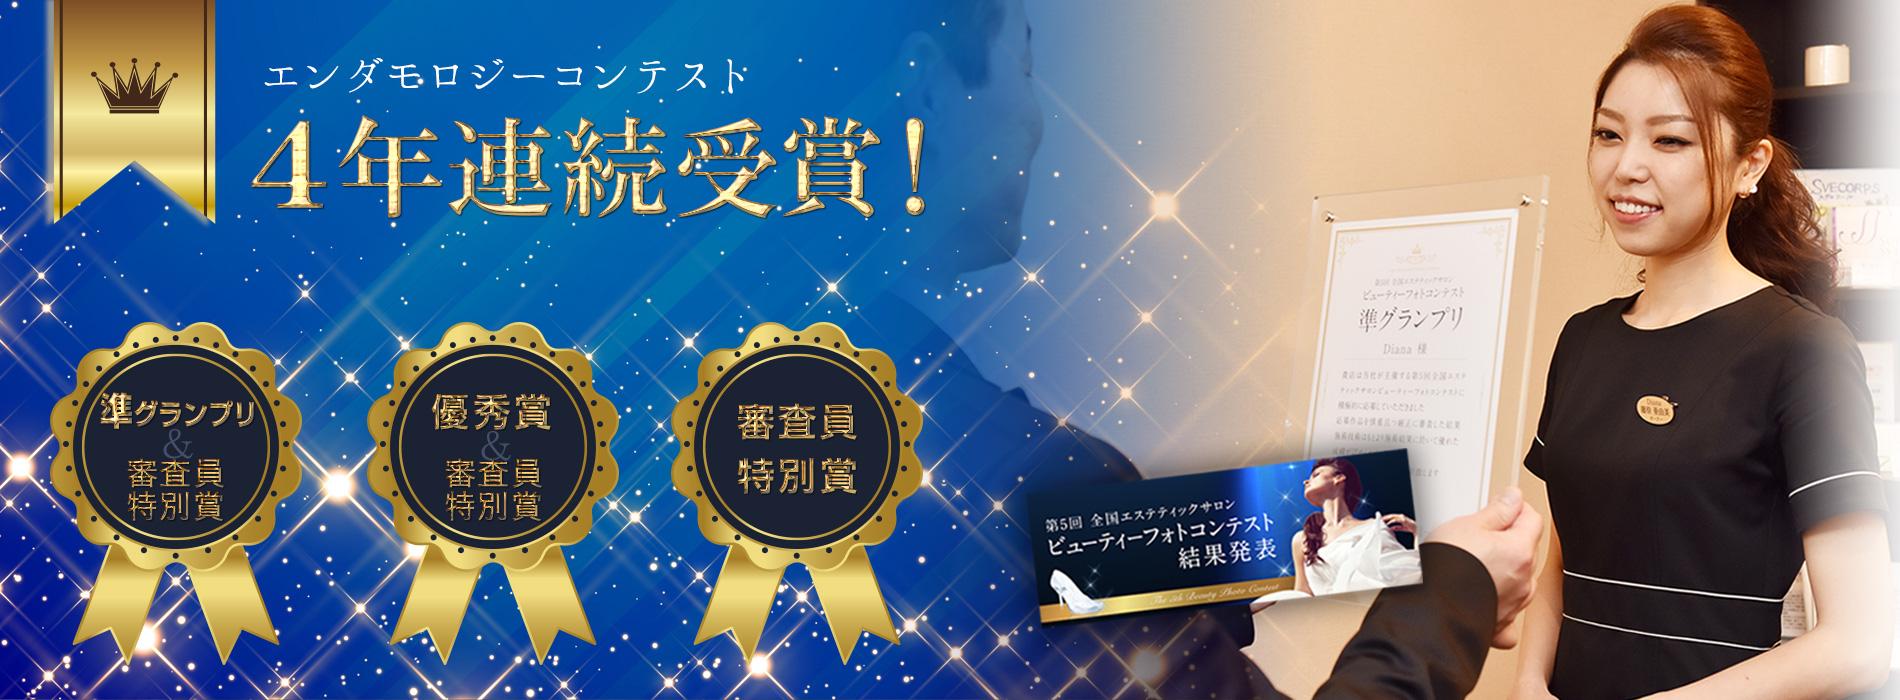 エンダモロジーコンテスト3年連続受賞!